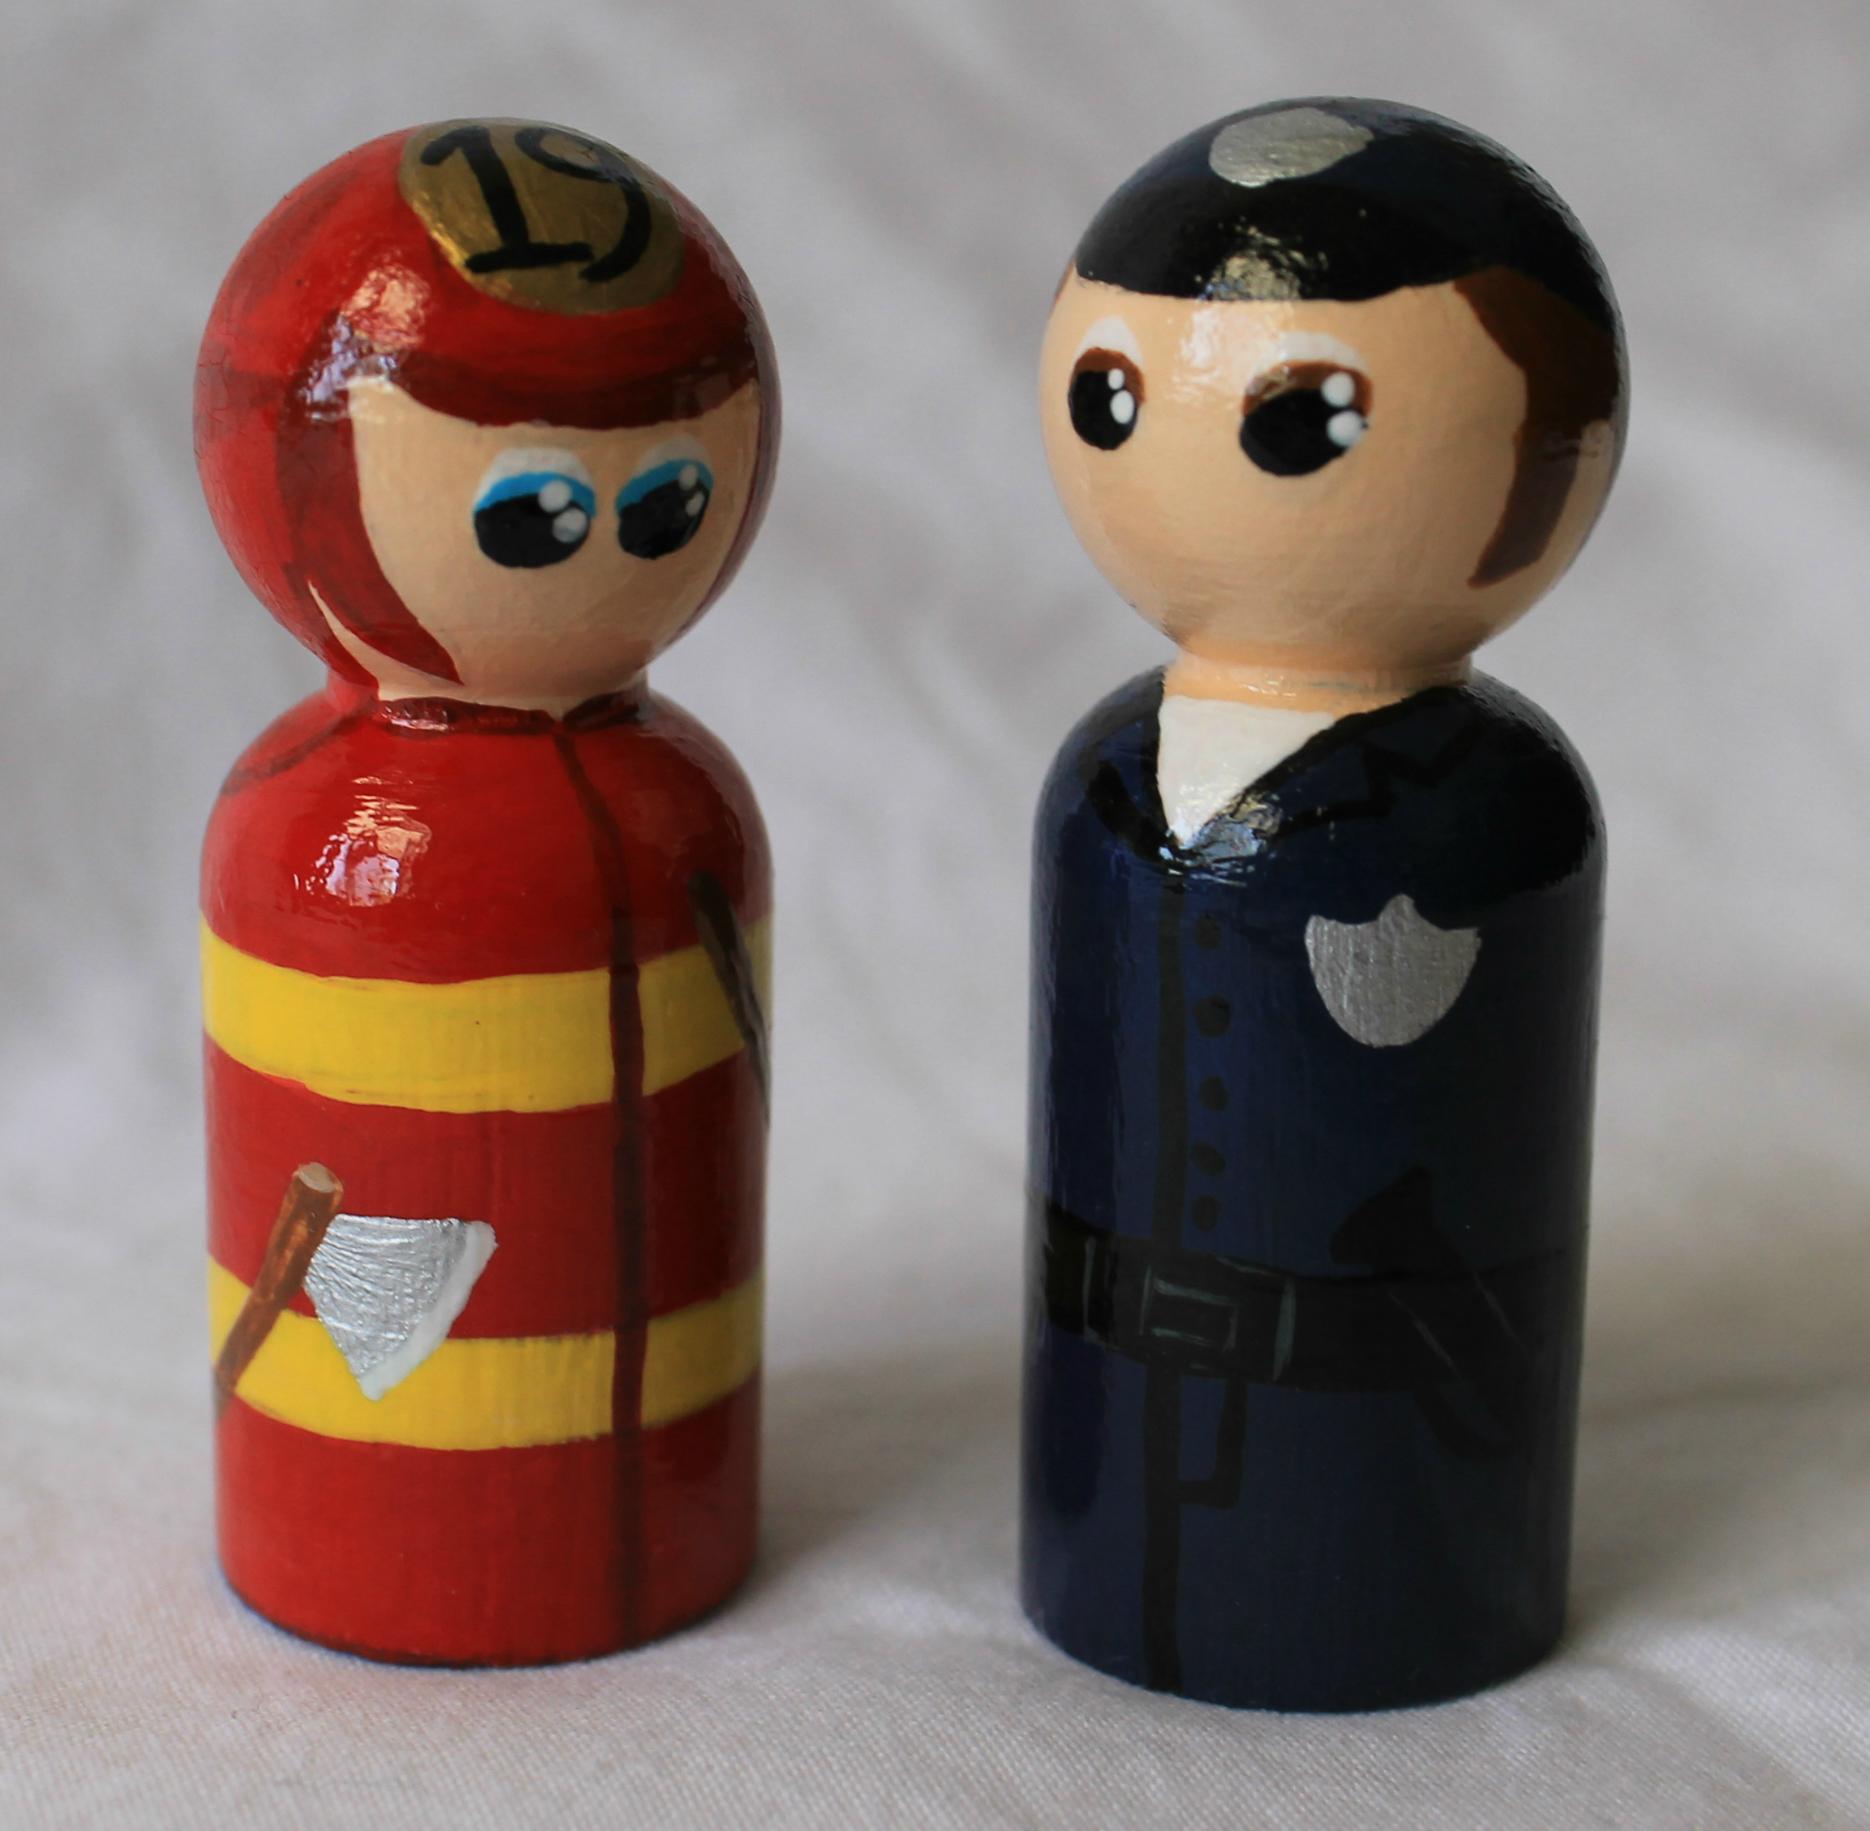 Fireman and Policeman